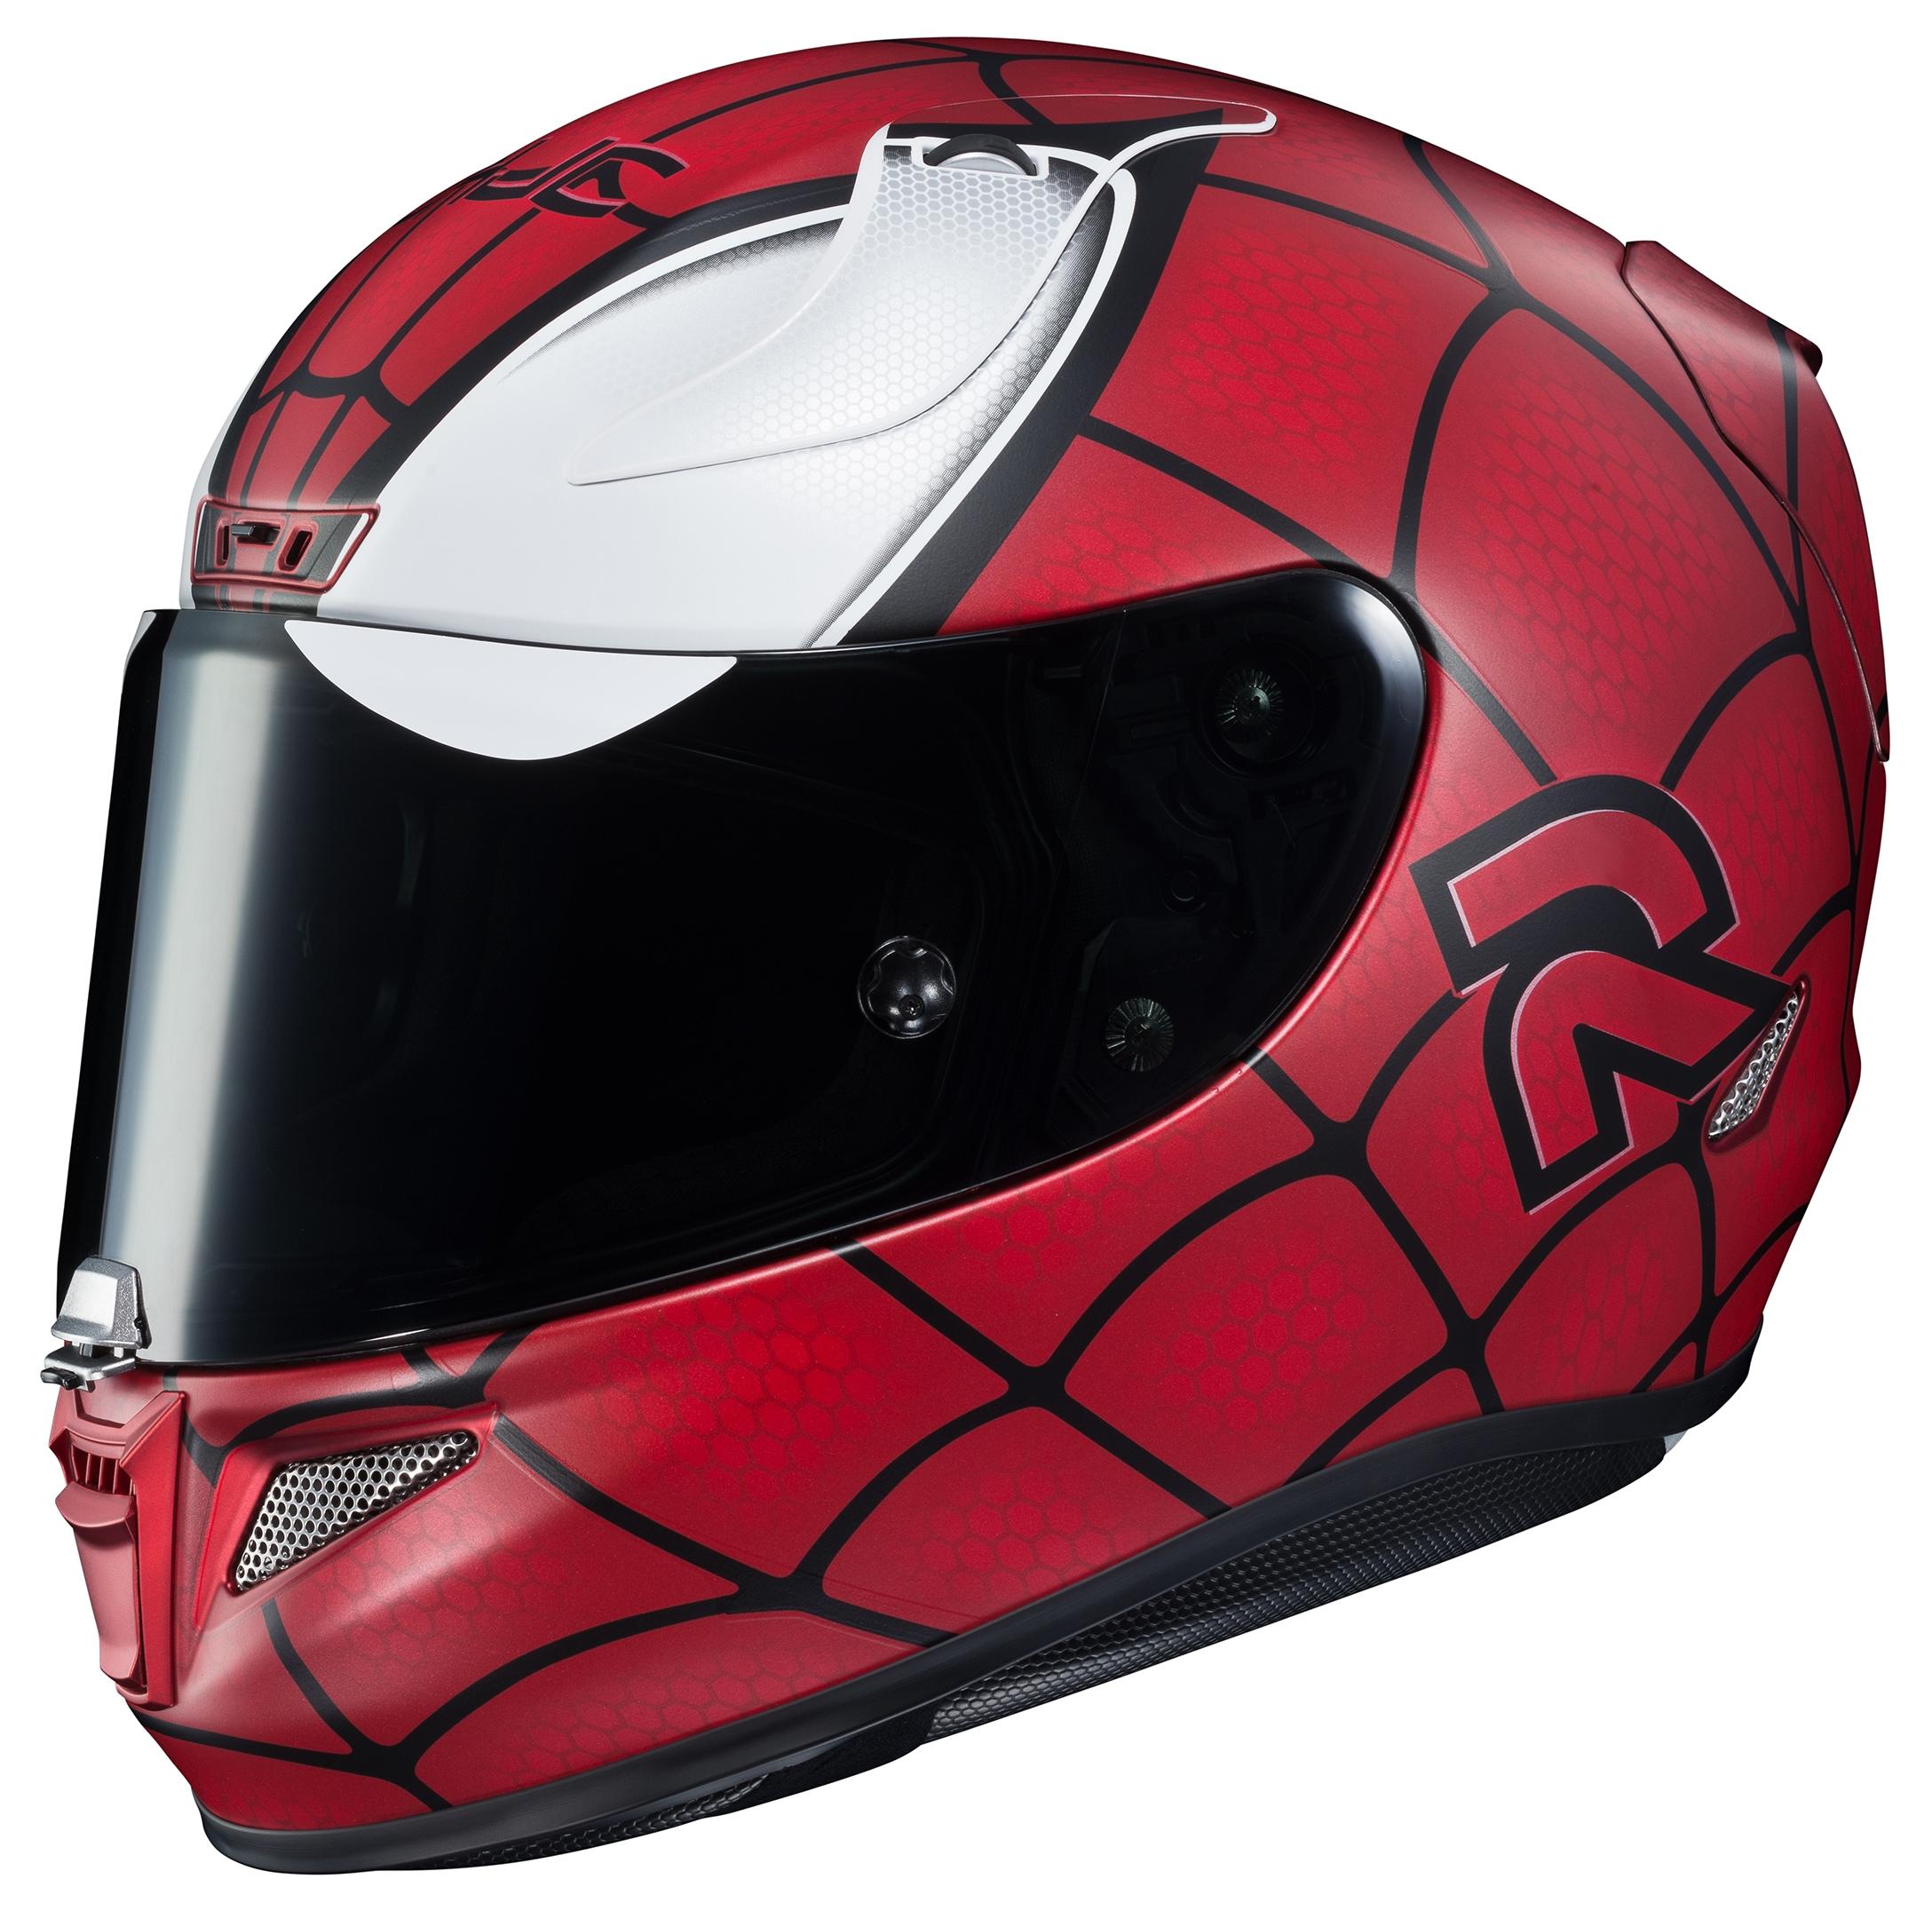 Hjc rpha 11 pro spiderman helmet 50 off revzilla - Spider man moto ...